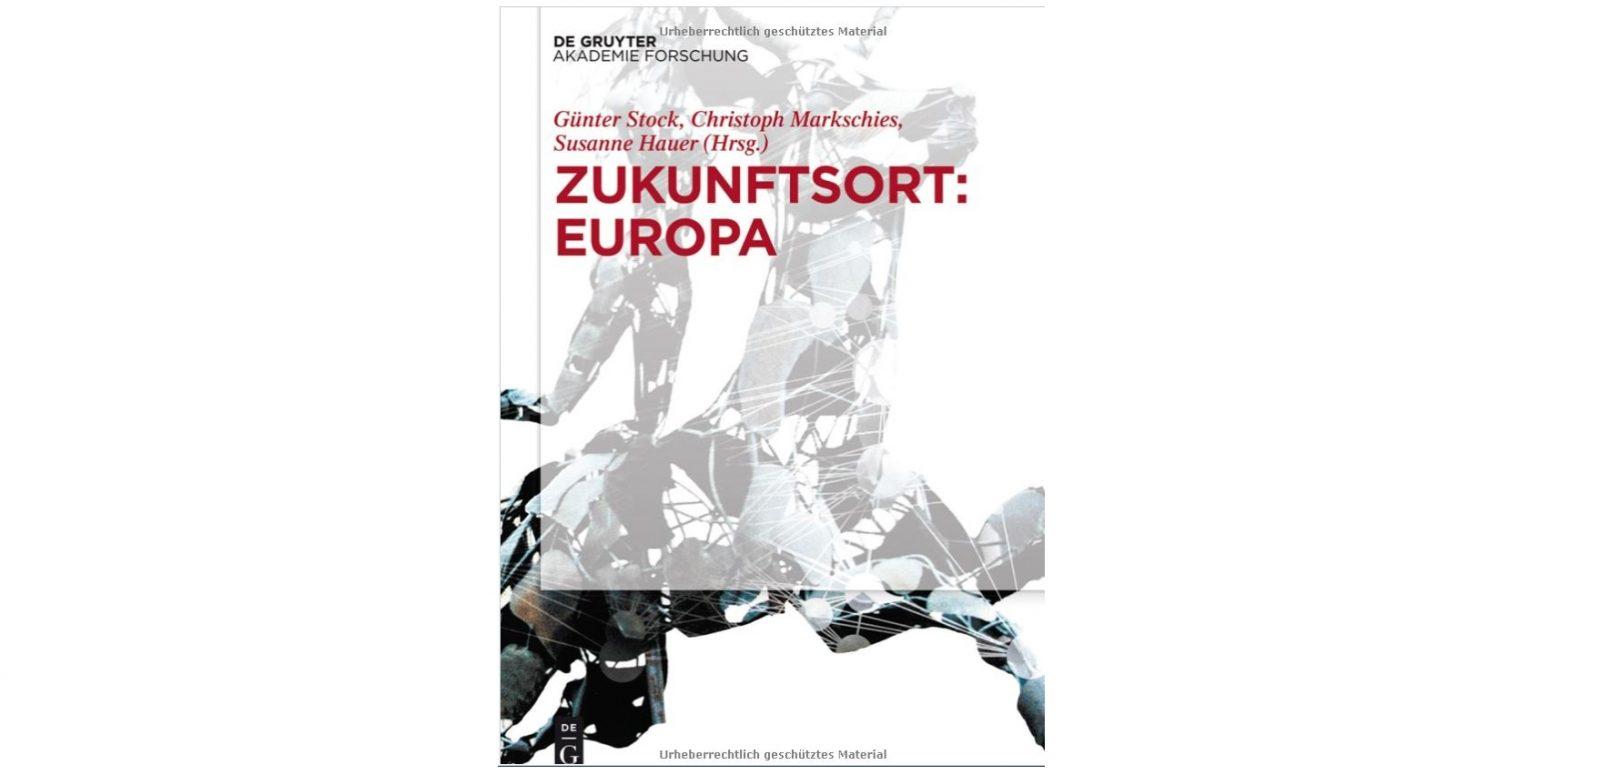 """Lansarea volumului """"ZUKUNFTSORT: EUROPA"""" (Viitorul Europei)"""